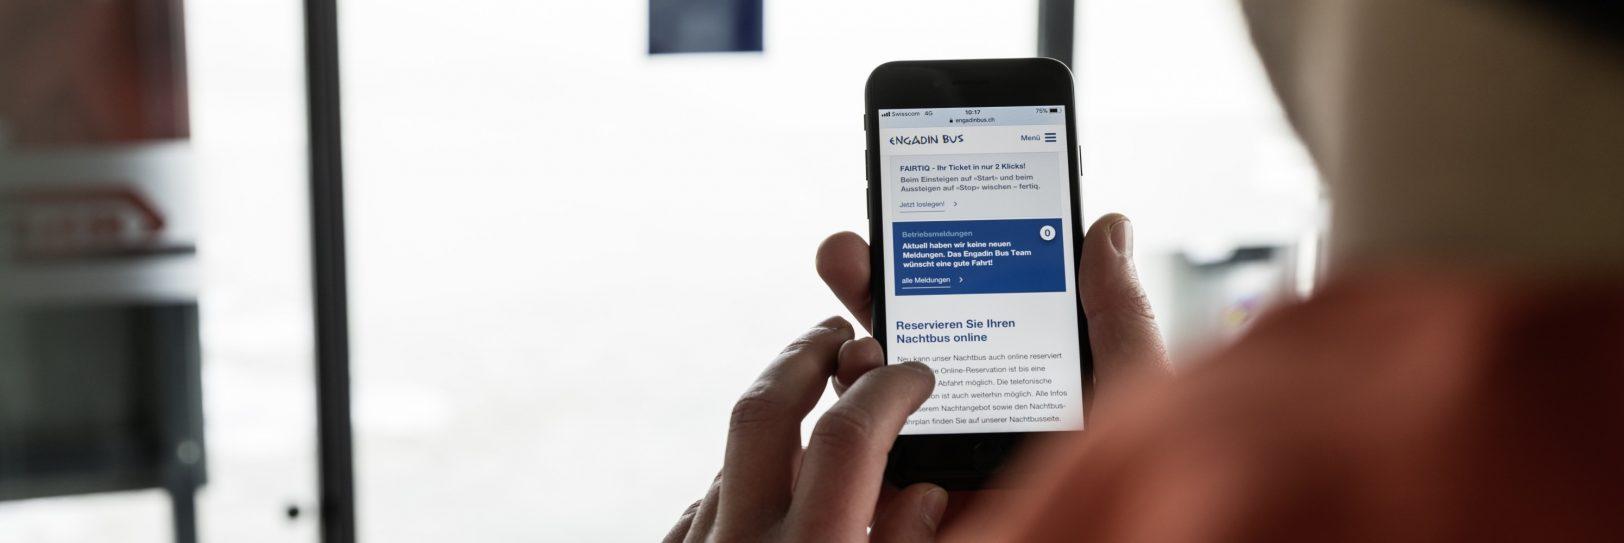 Nachtbus Reservation mit Smartphone